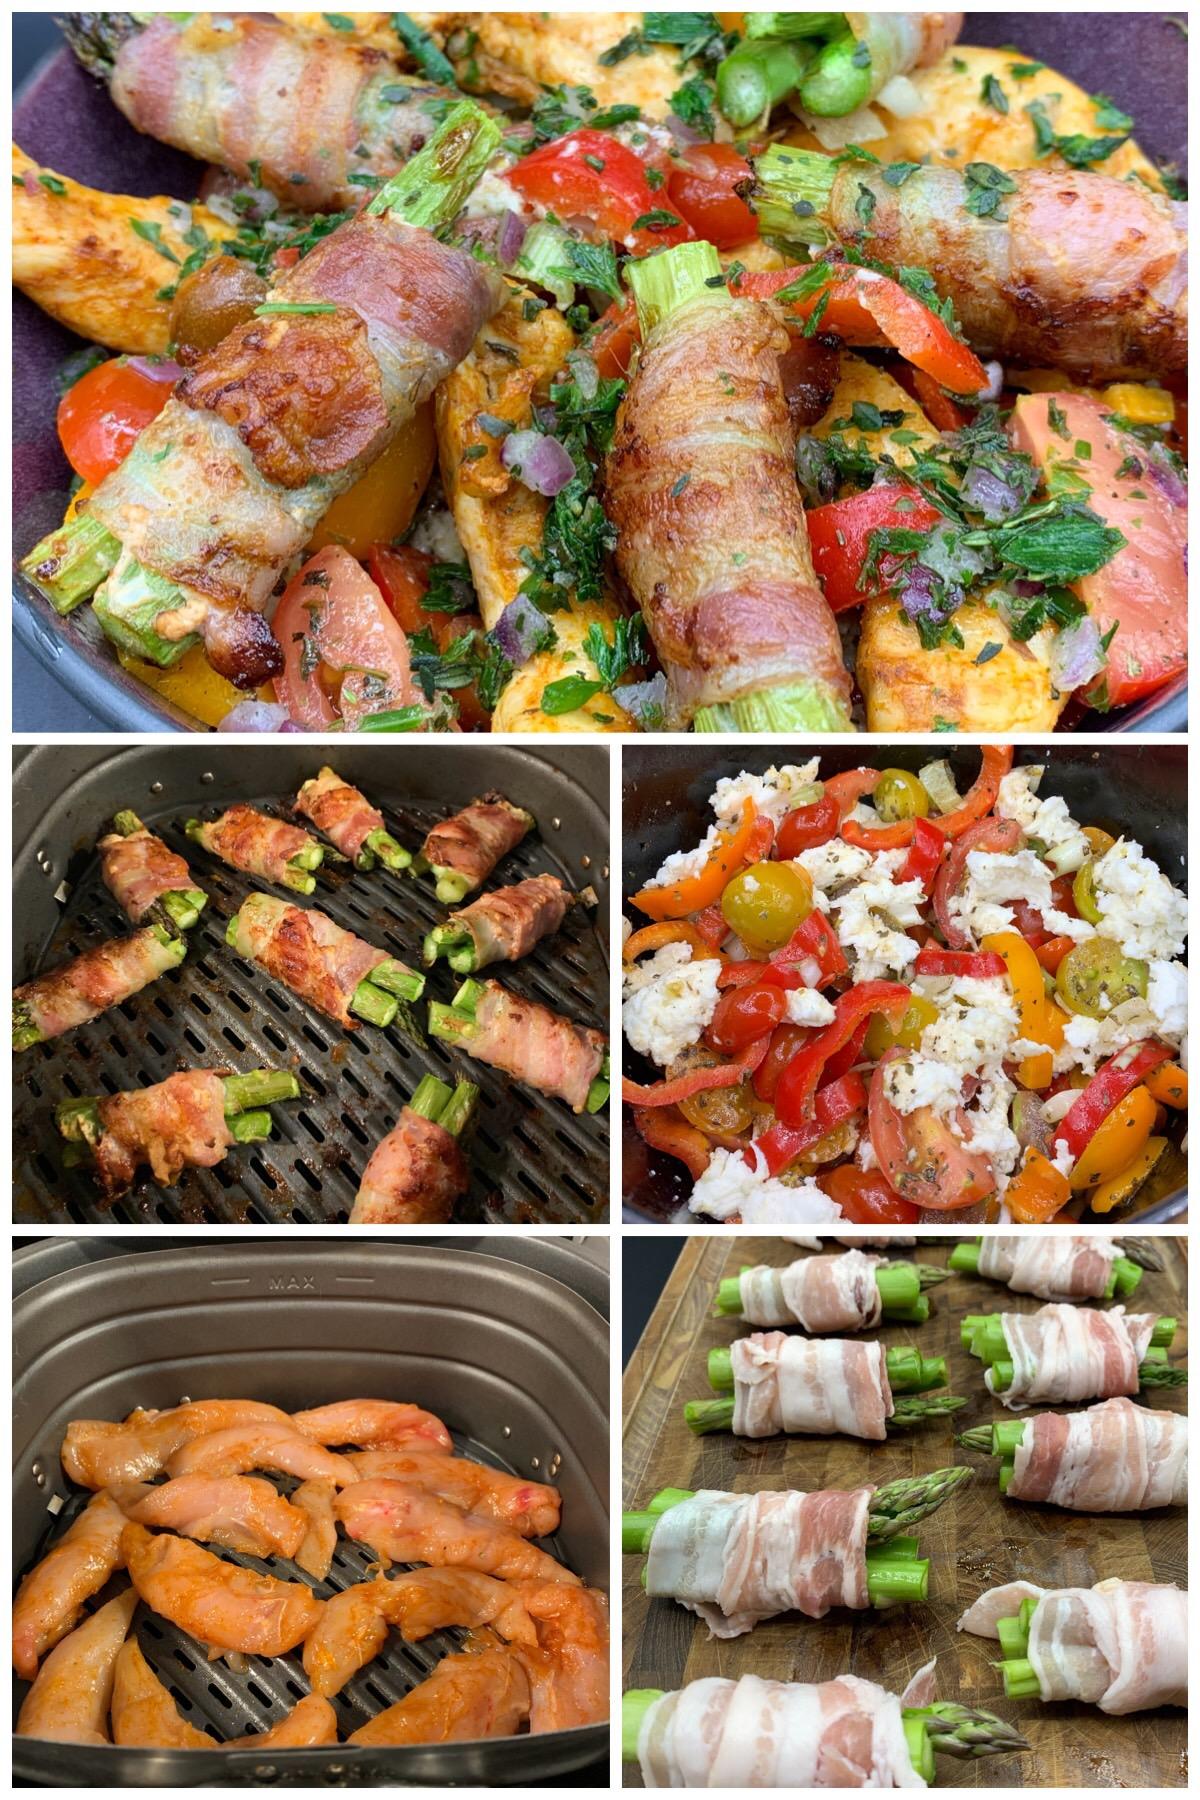 Tomatsalat med kylling, forårsløg, mozzarella og små aspargespakker i baconsvøb